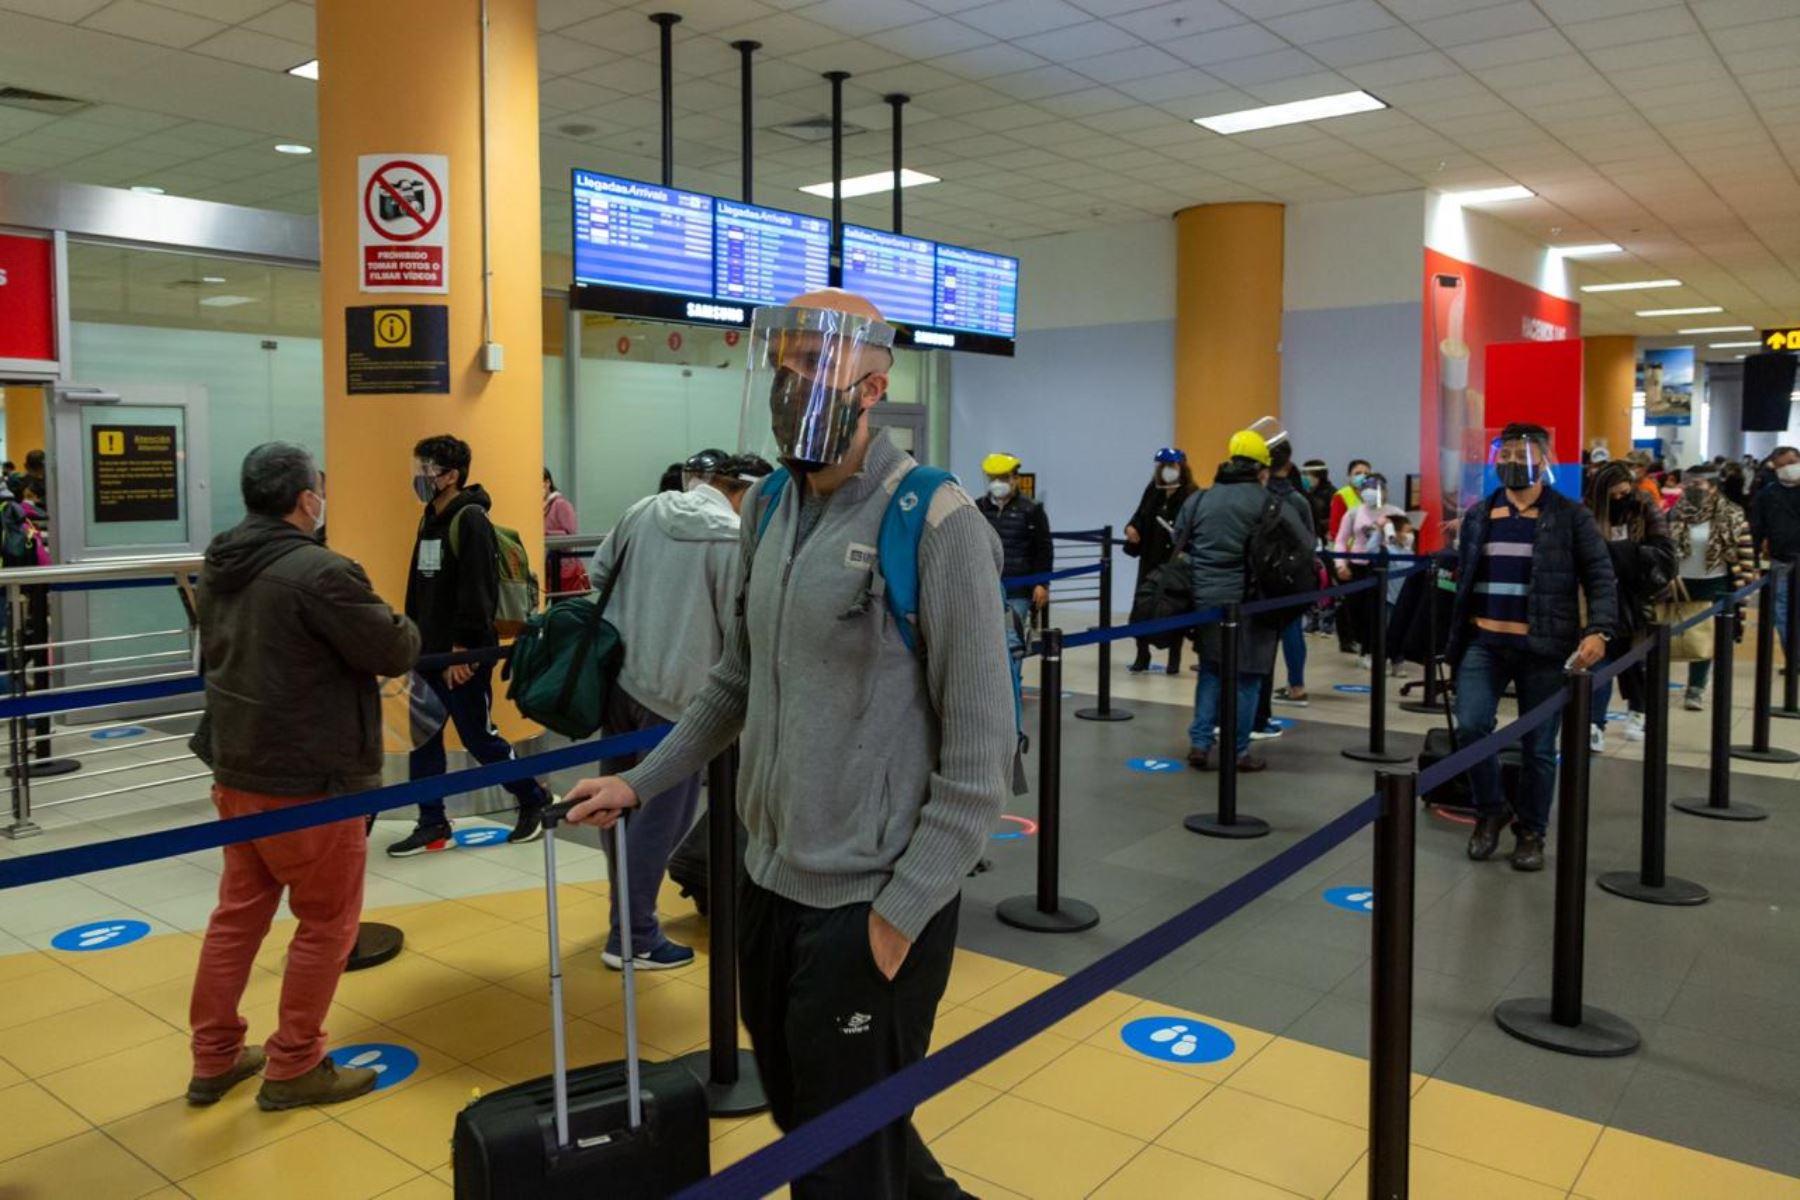 El Gobierno decidió suspender el requisito de prueba molecular o PCR para viajar por vía aérea desde las provincias con nivel de alerta extremo hacia otros destinos nacionales, anunció hoy la ministra de Comercio Exterior y Turismo, Claudia Cornejo. ANDINA/Difusión